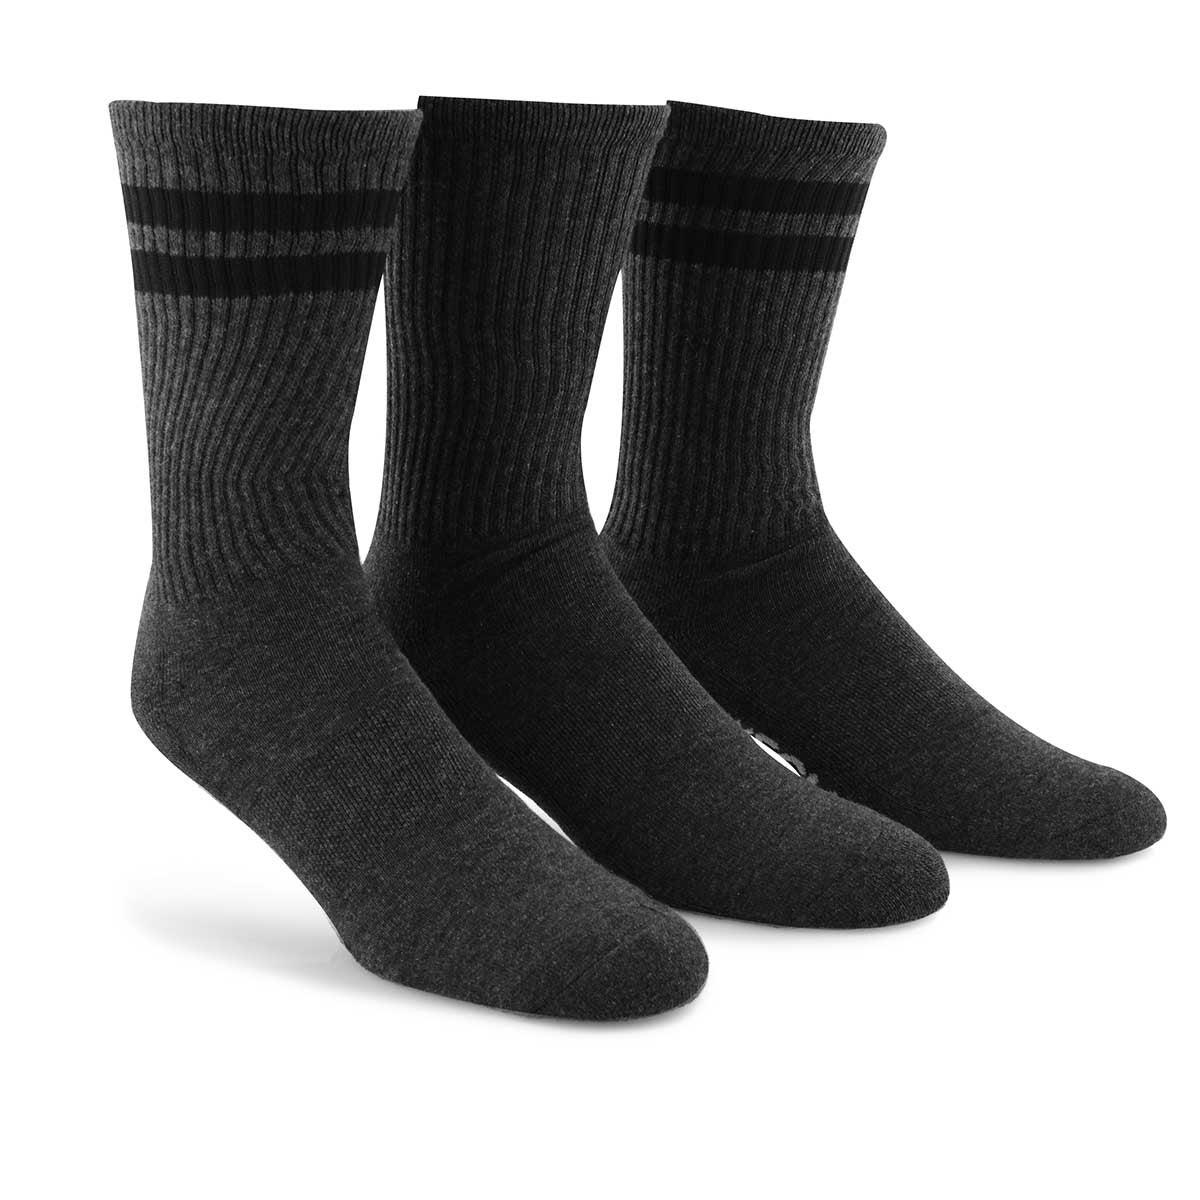 Mns HalfTerryRibbedCrew gry/bk socks 3pk